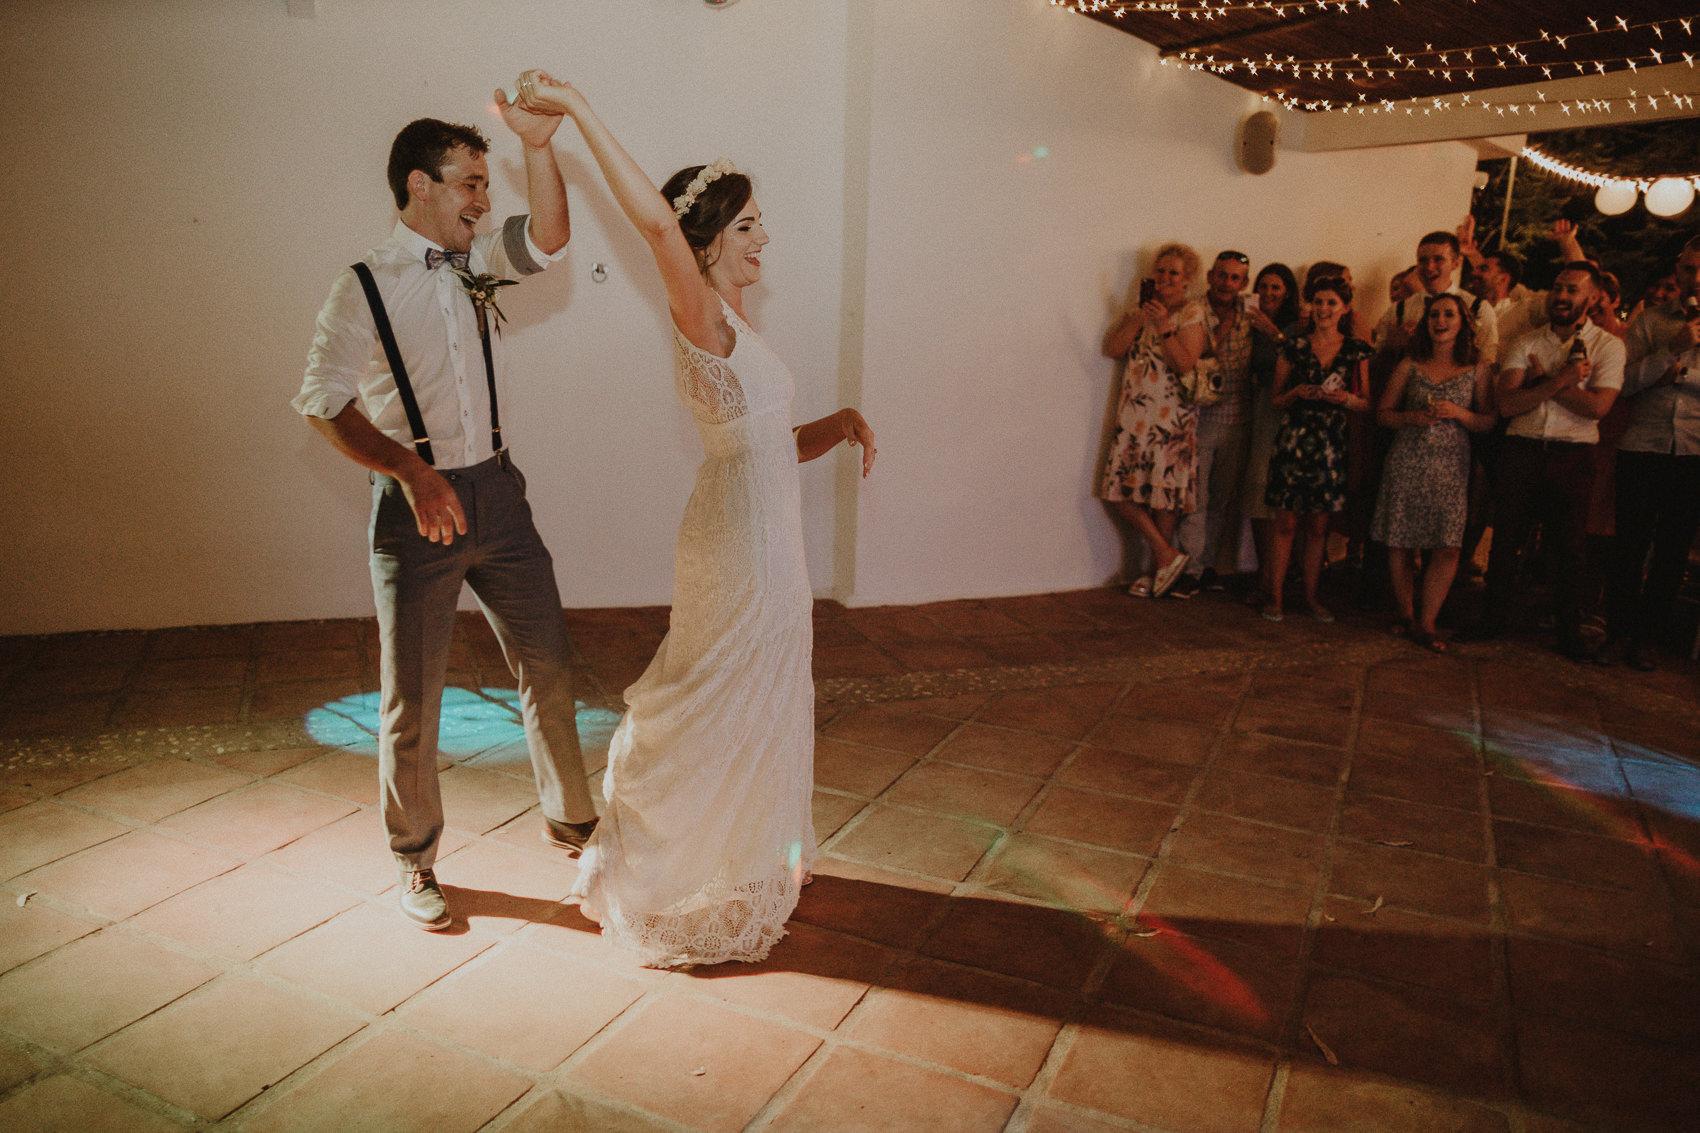 Sarah & Bill | Summer wedding at Cortijo Rosa Blanca | Marbella - Spain 159